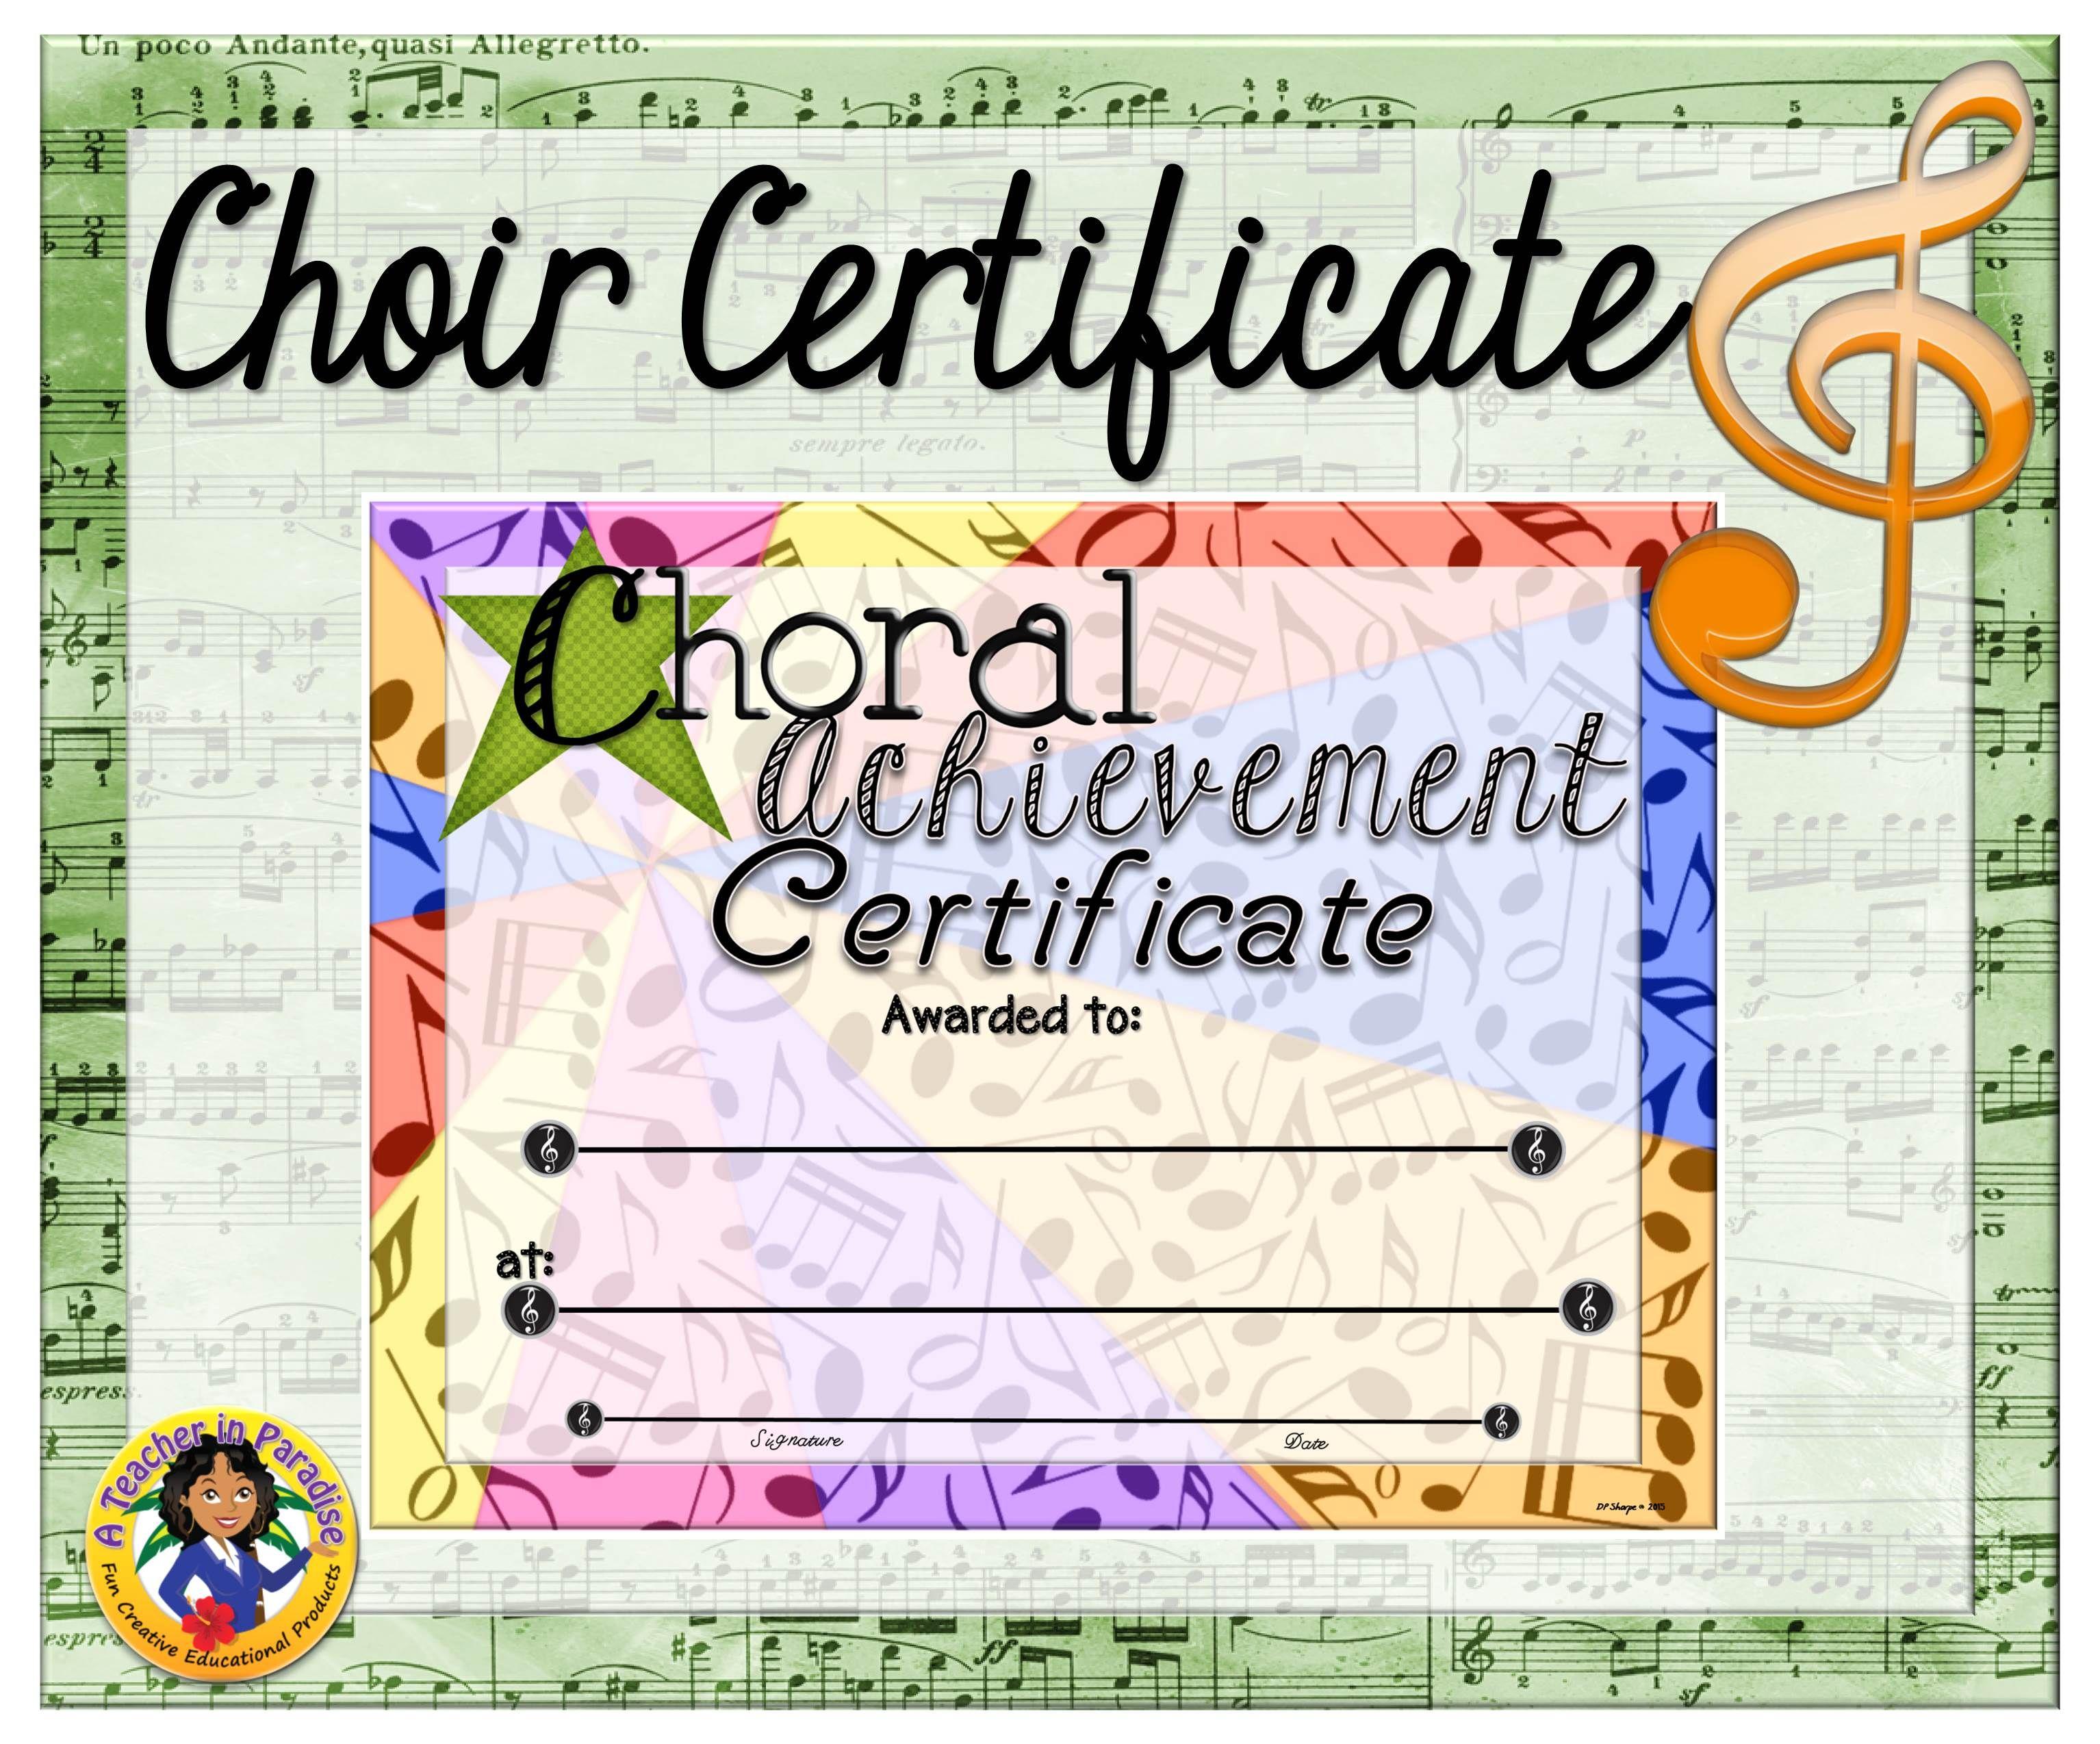 Choir Certificate 5